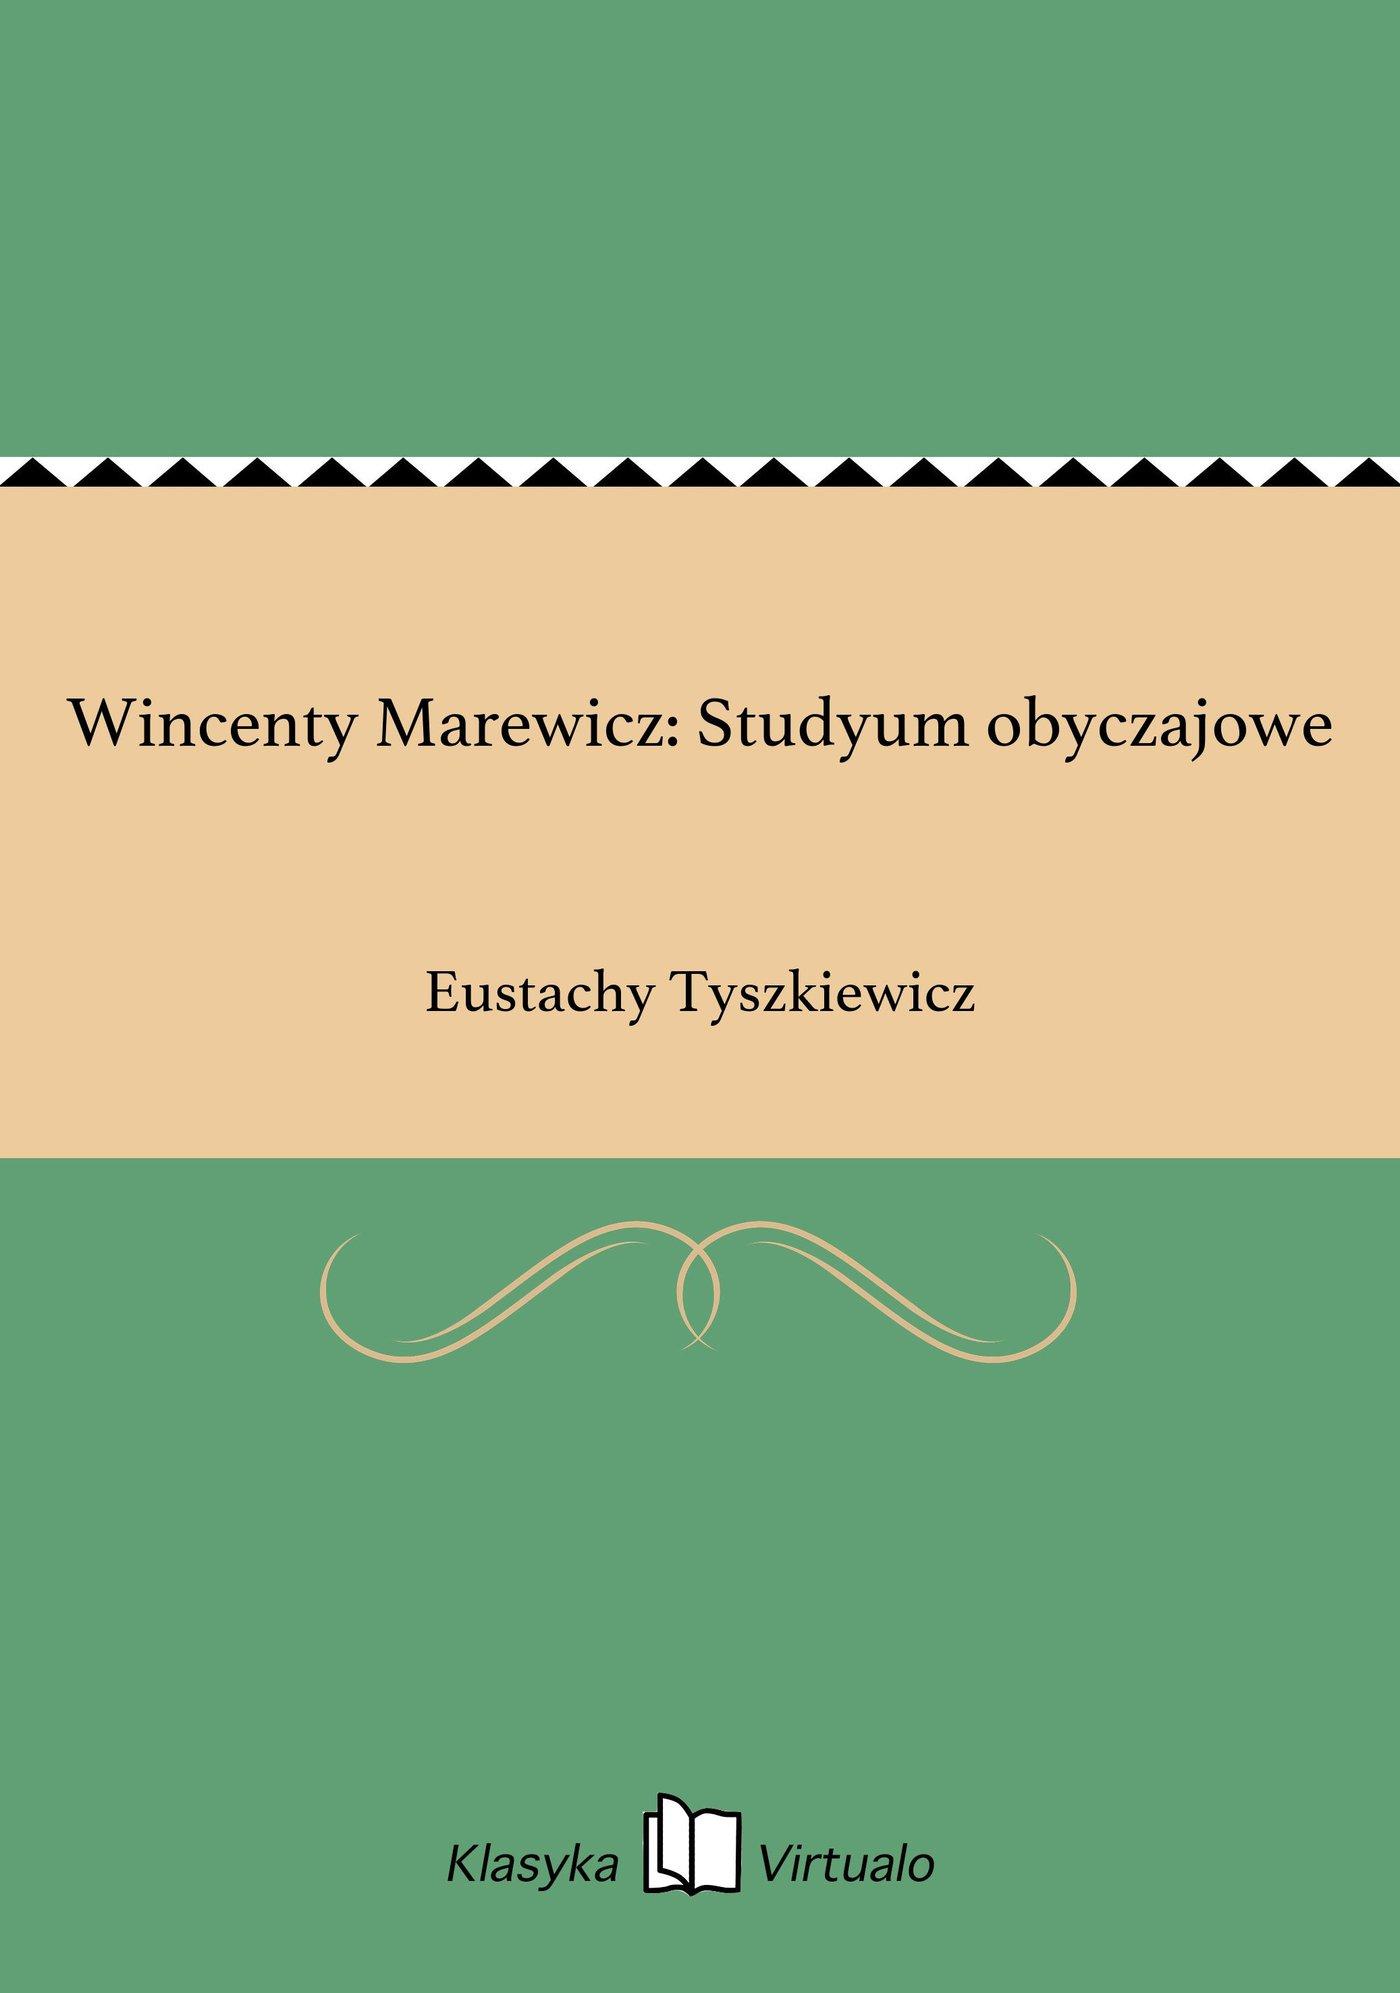 Wincenty Marewicz: Studyum obyczajowe - Ebook (Książka EPUB) do pobrania w formacie EPUB